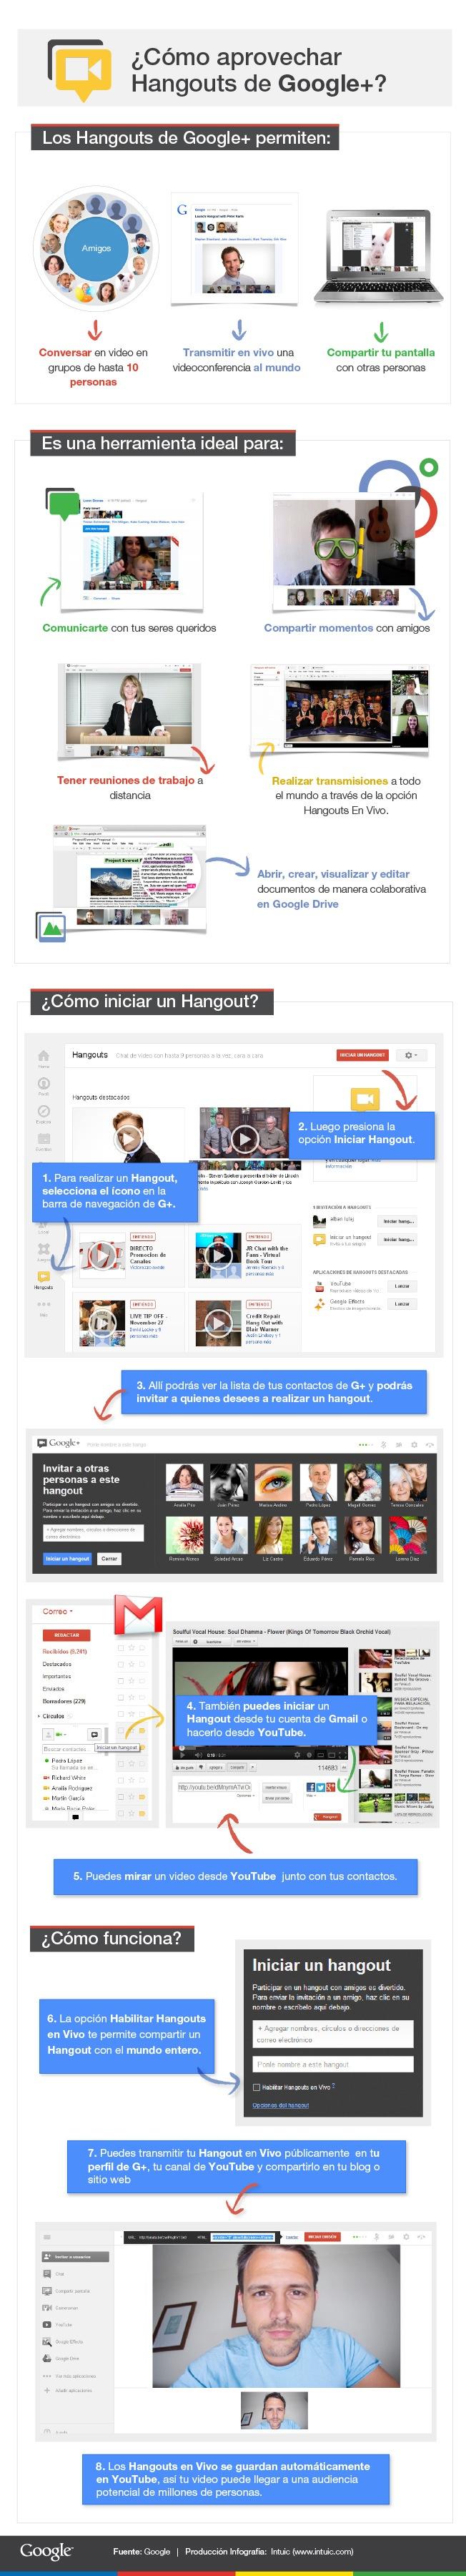 Google+ ofrece mucho, pero no lo sabemos utilizar